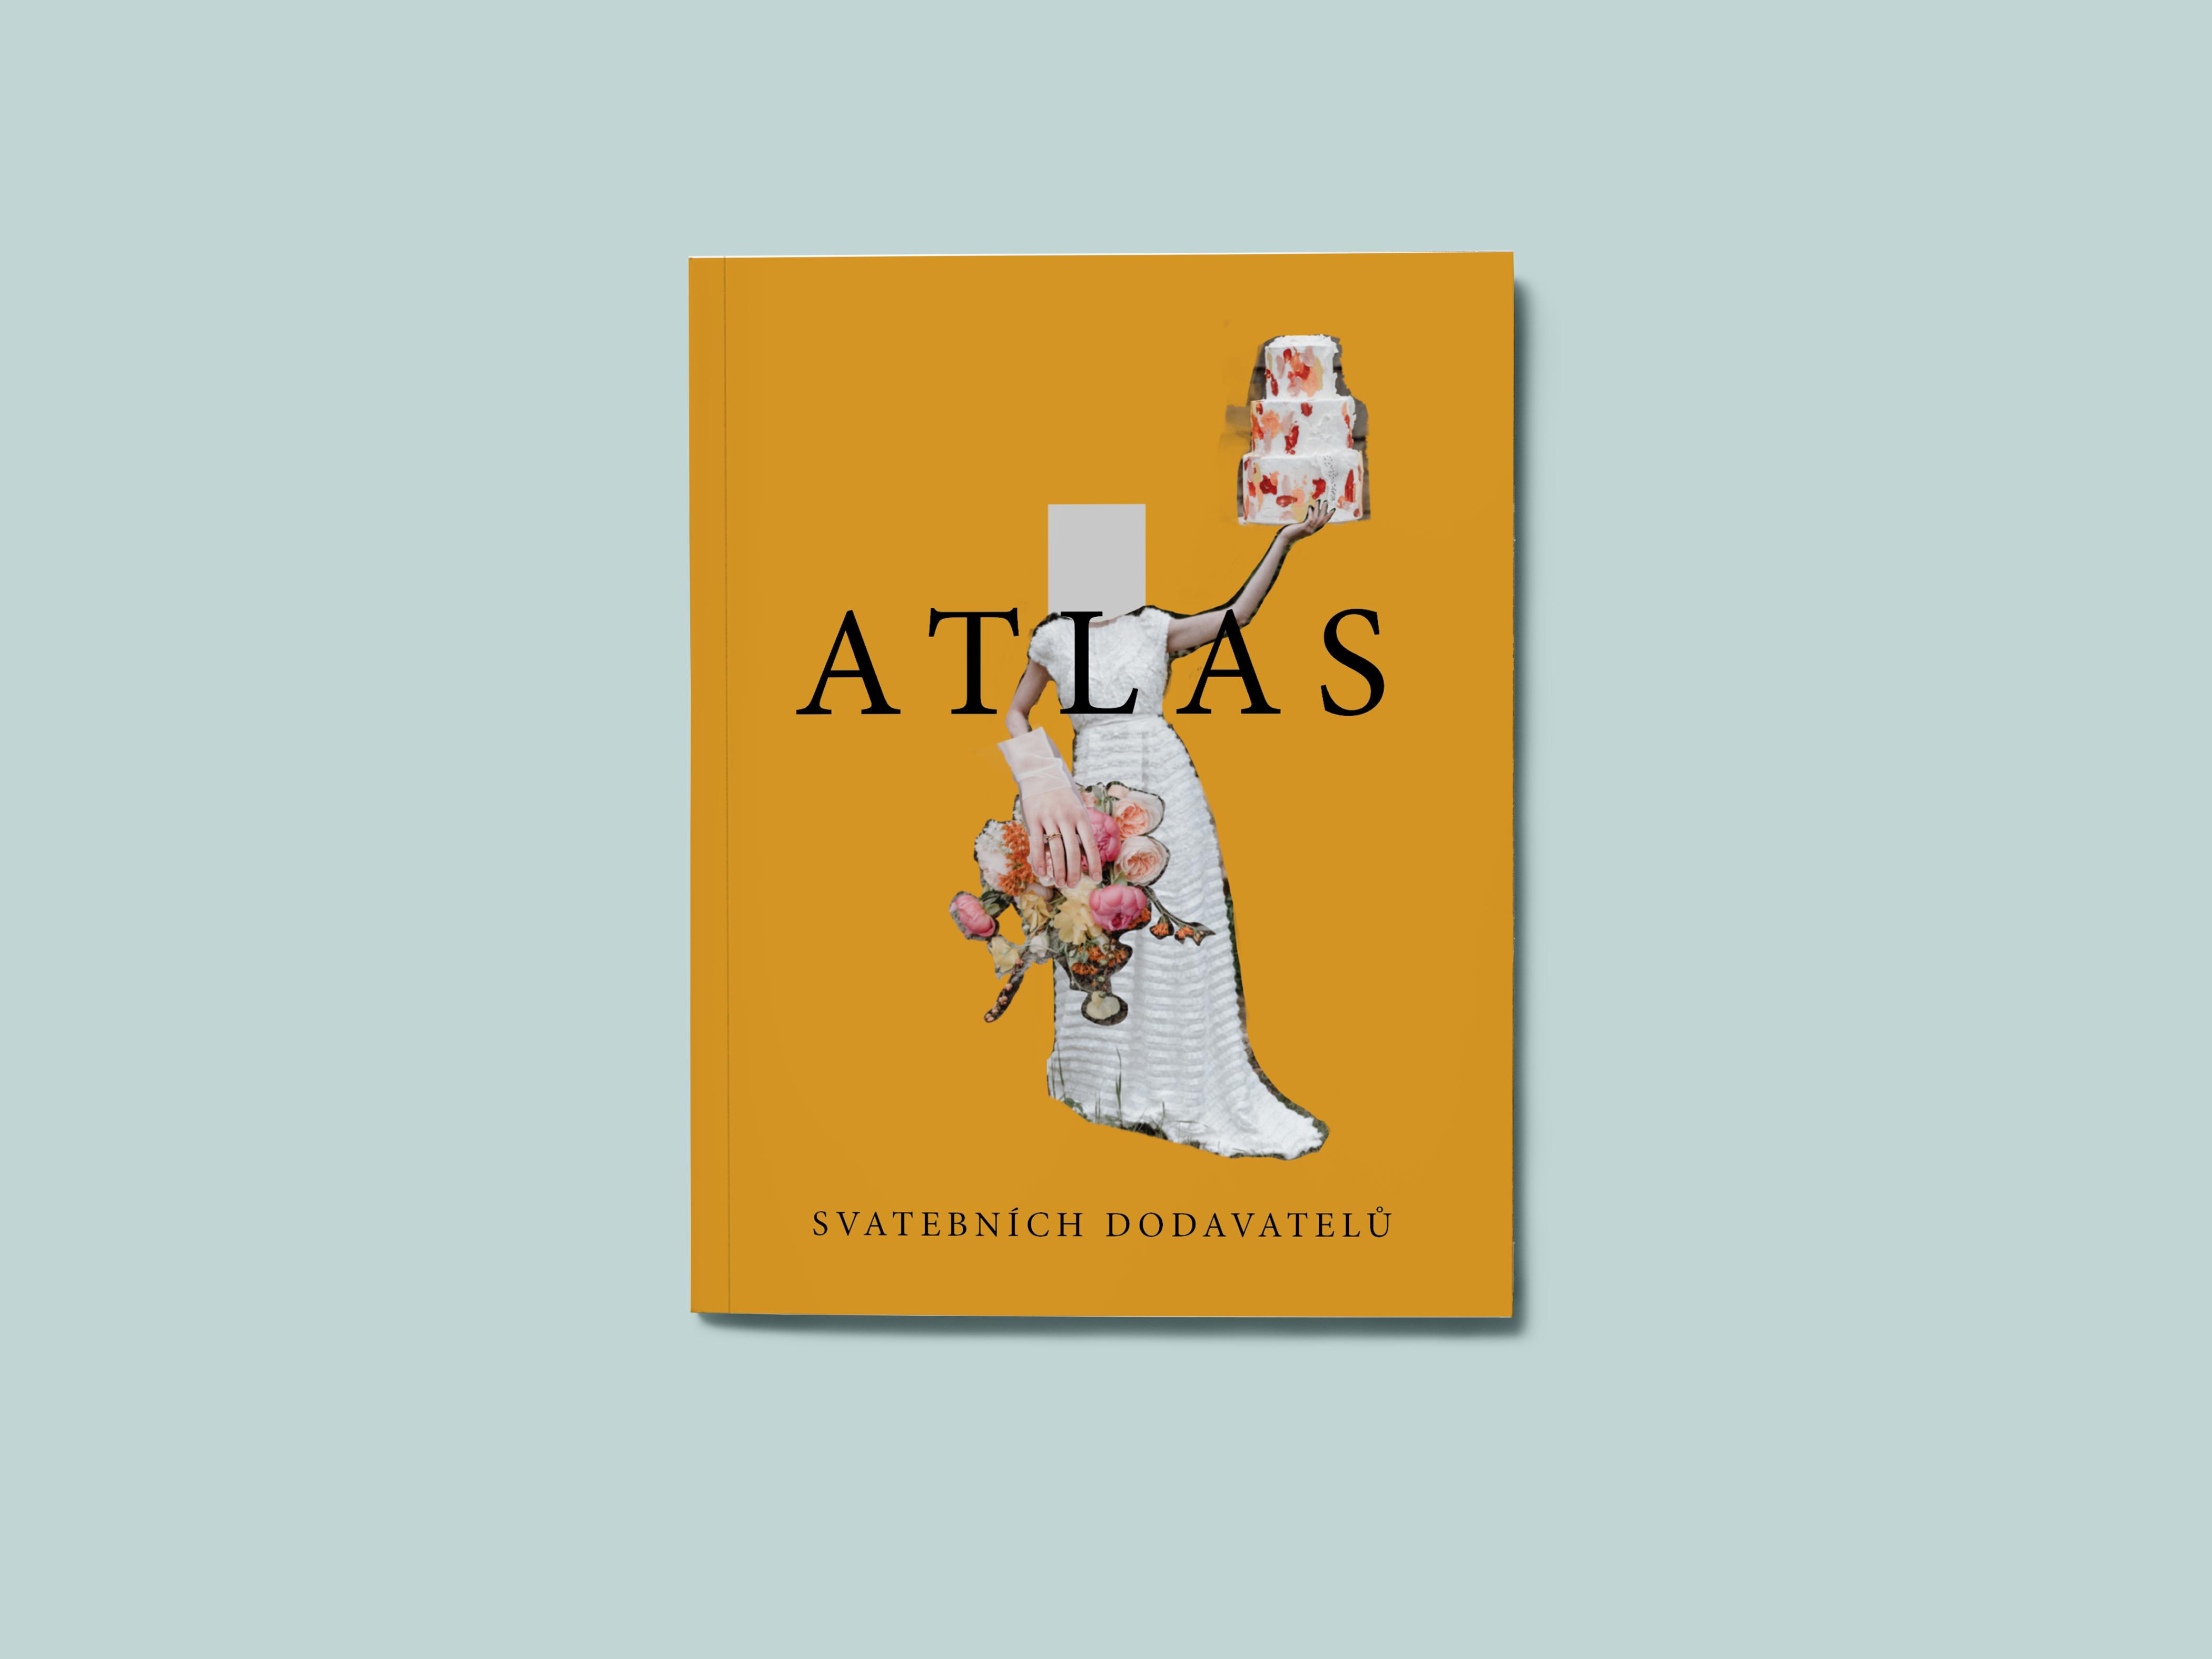 Atlas svatebních dodavatelů by MILE